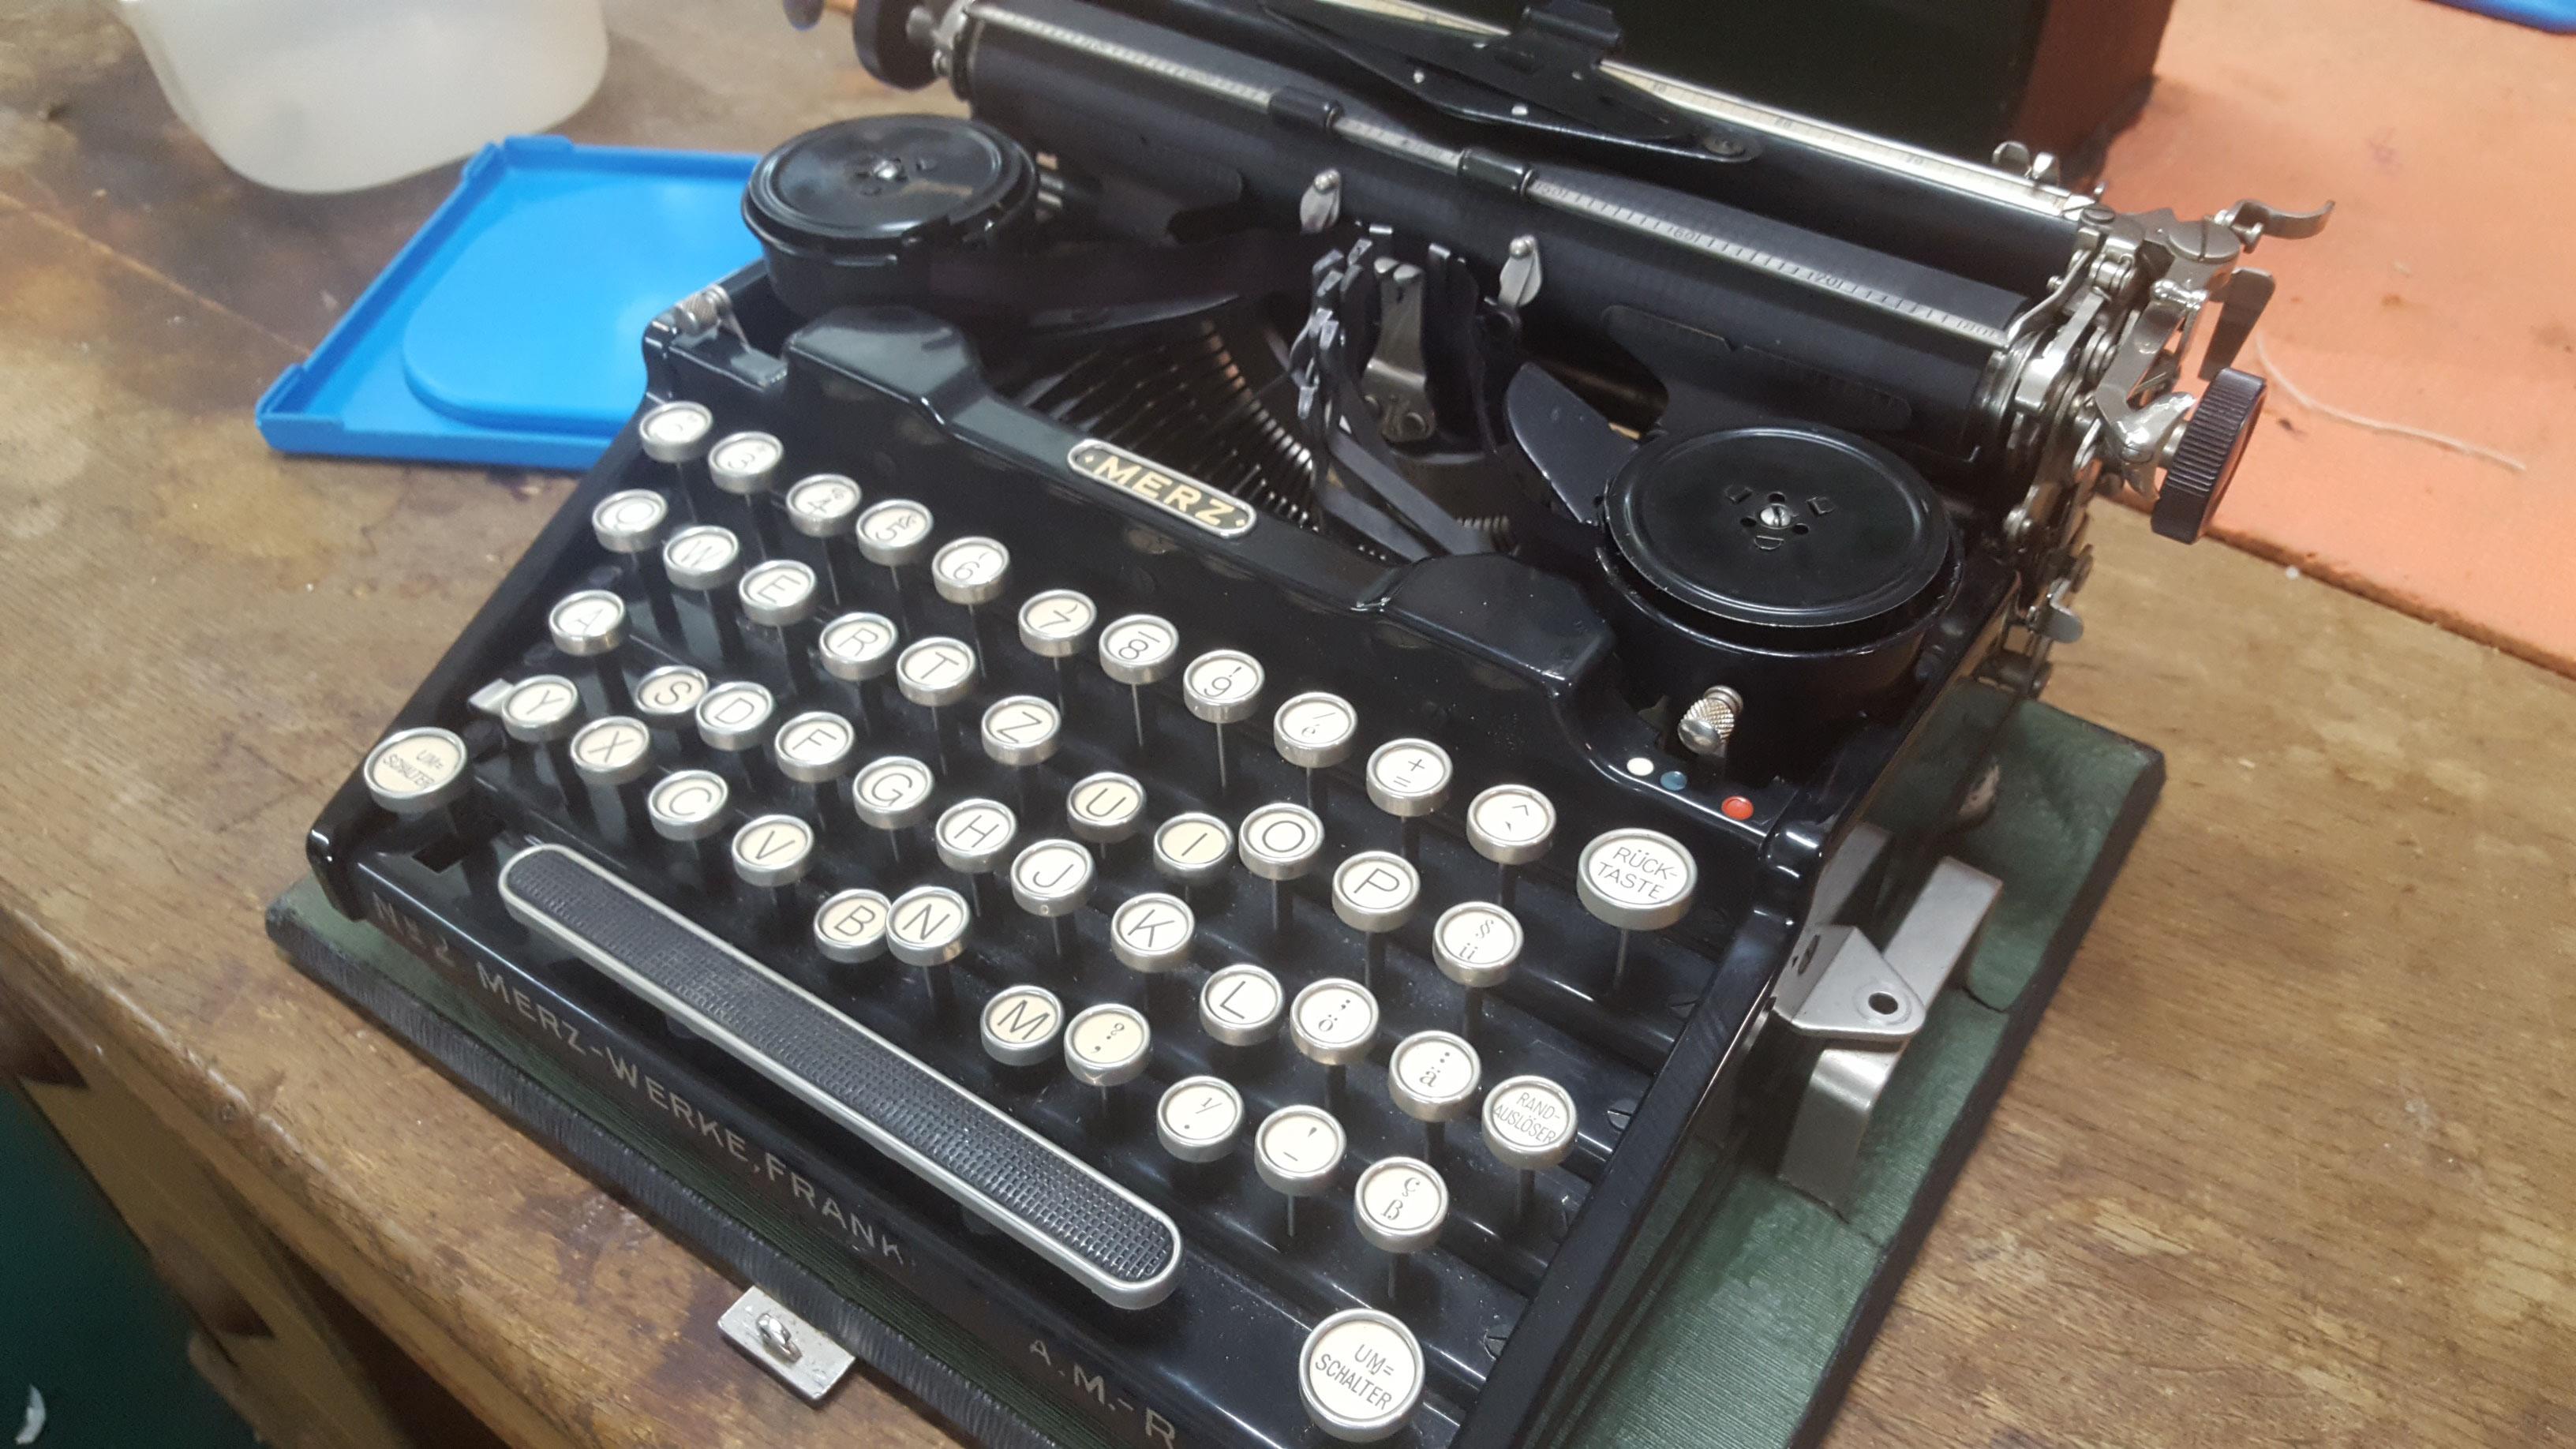 Mechanische Schreibmaschine Reparieren